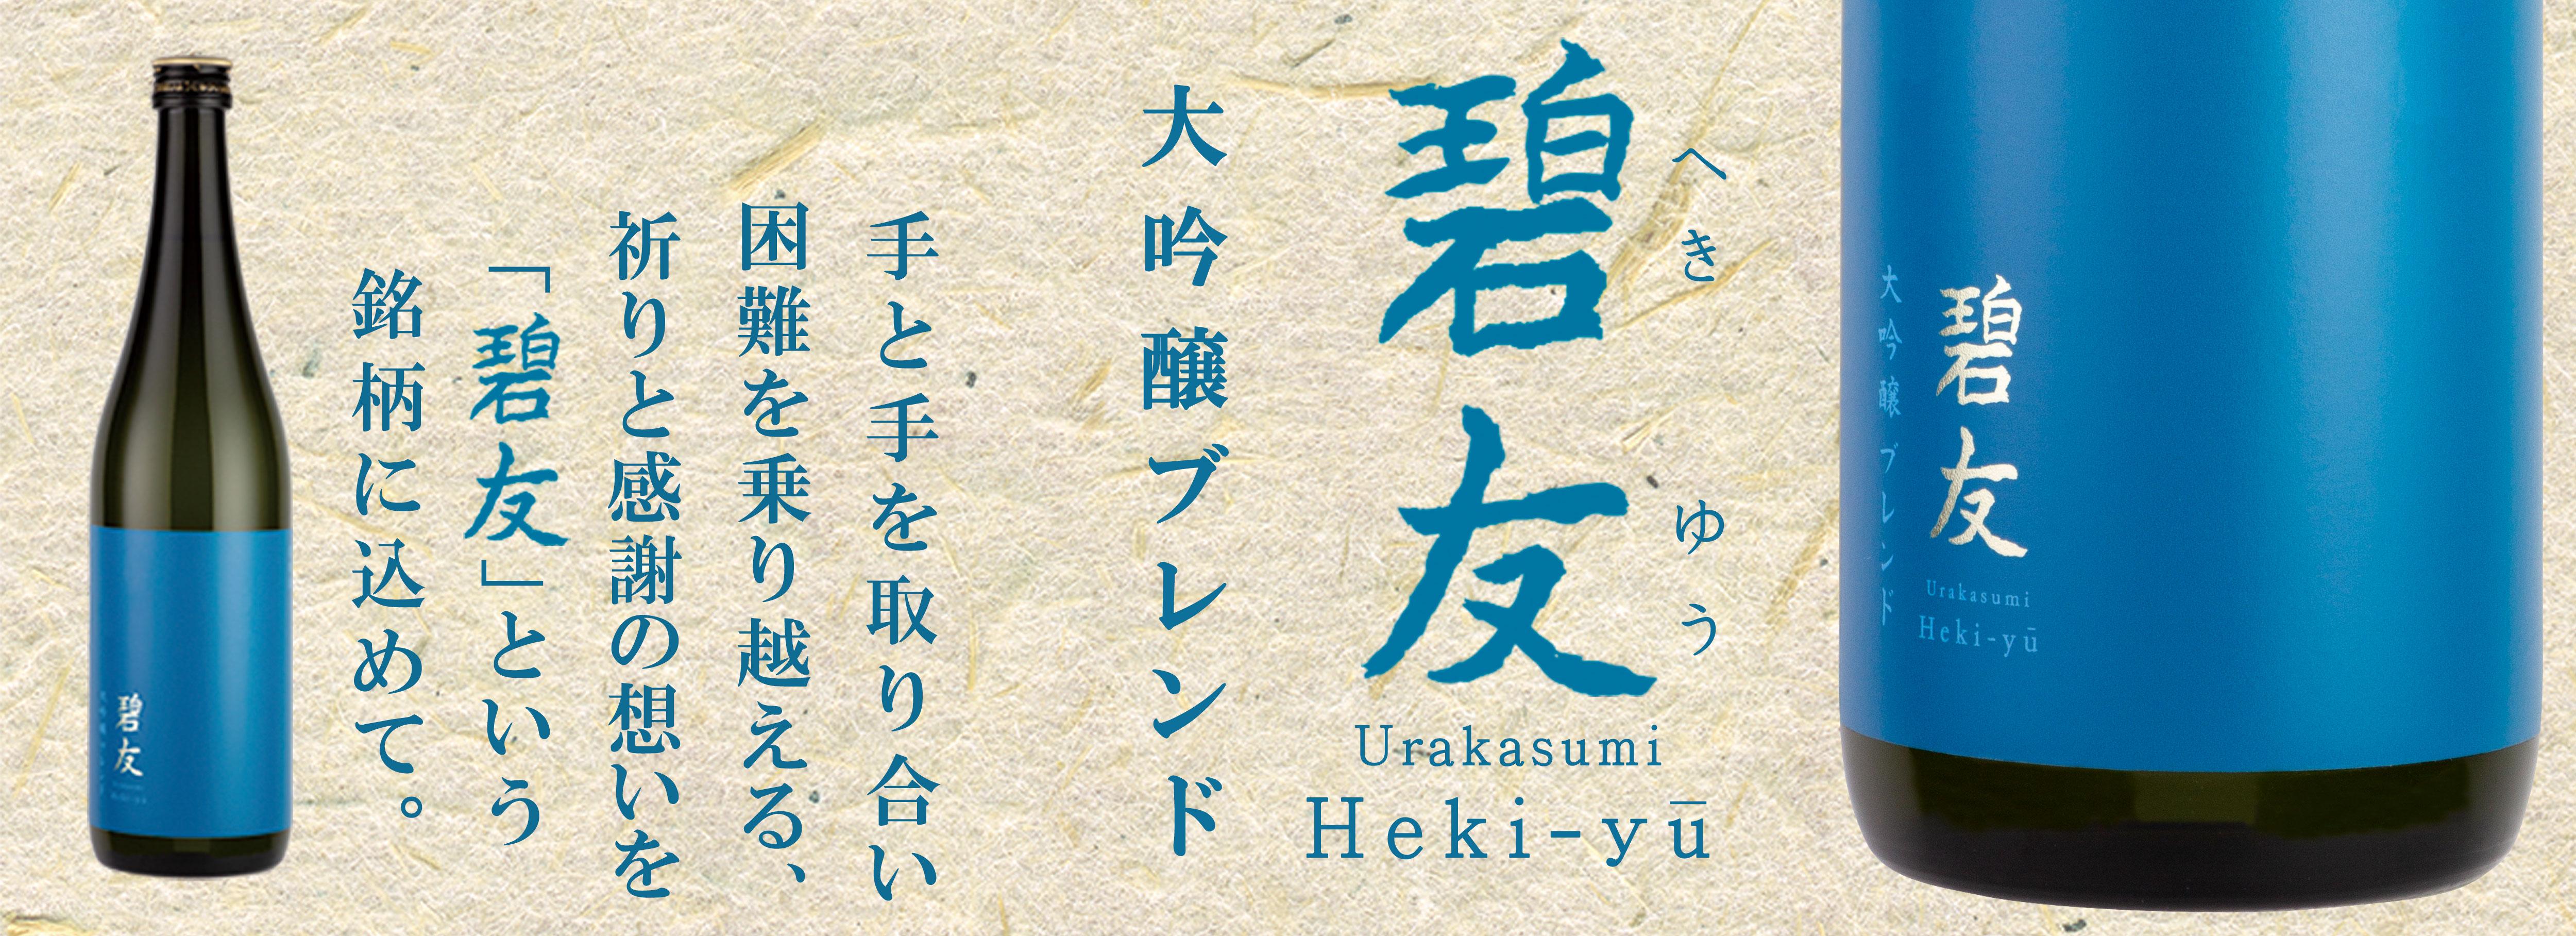 昭和初期に使用していた銘柄「碧友(へきゆう)」を復活!